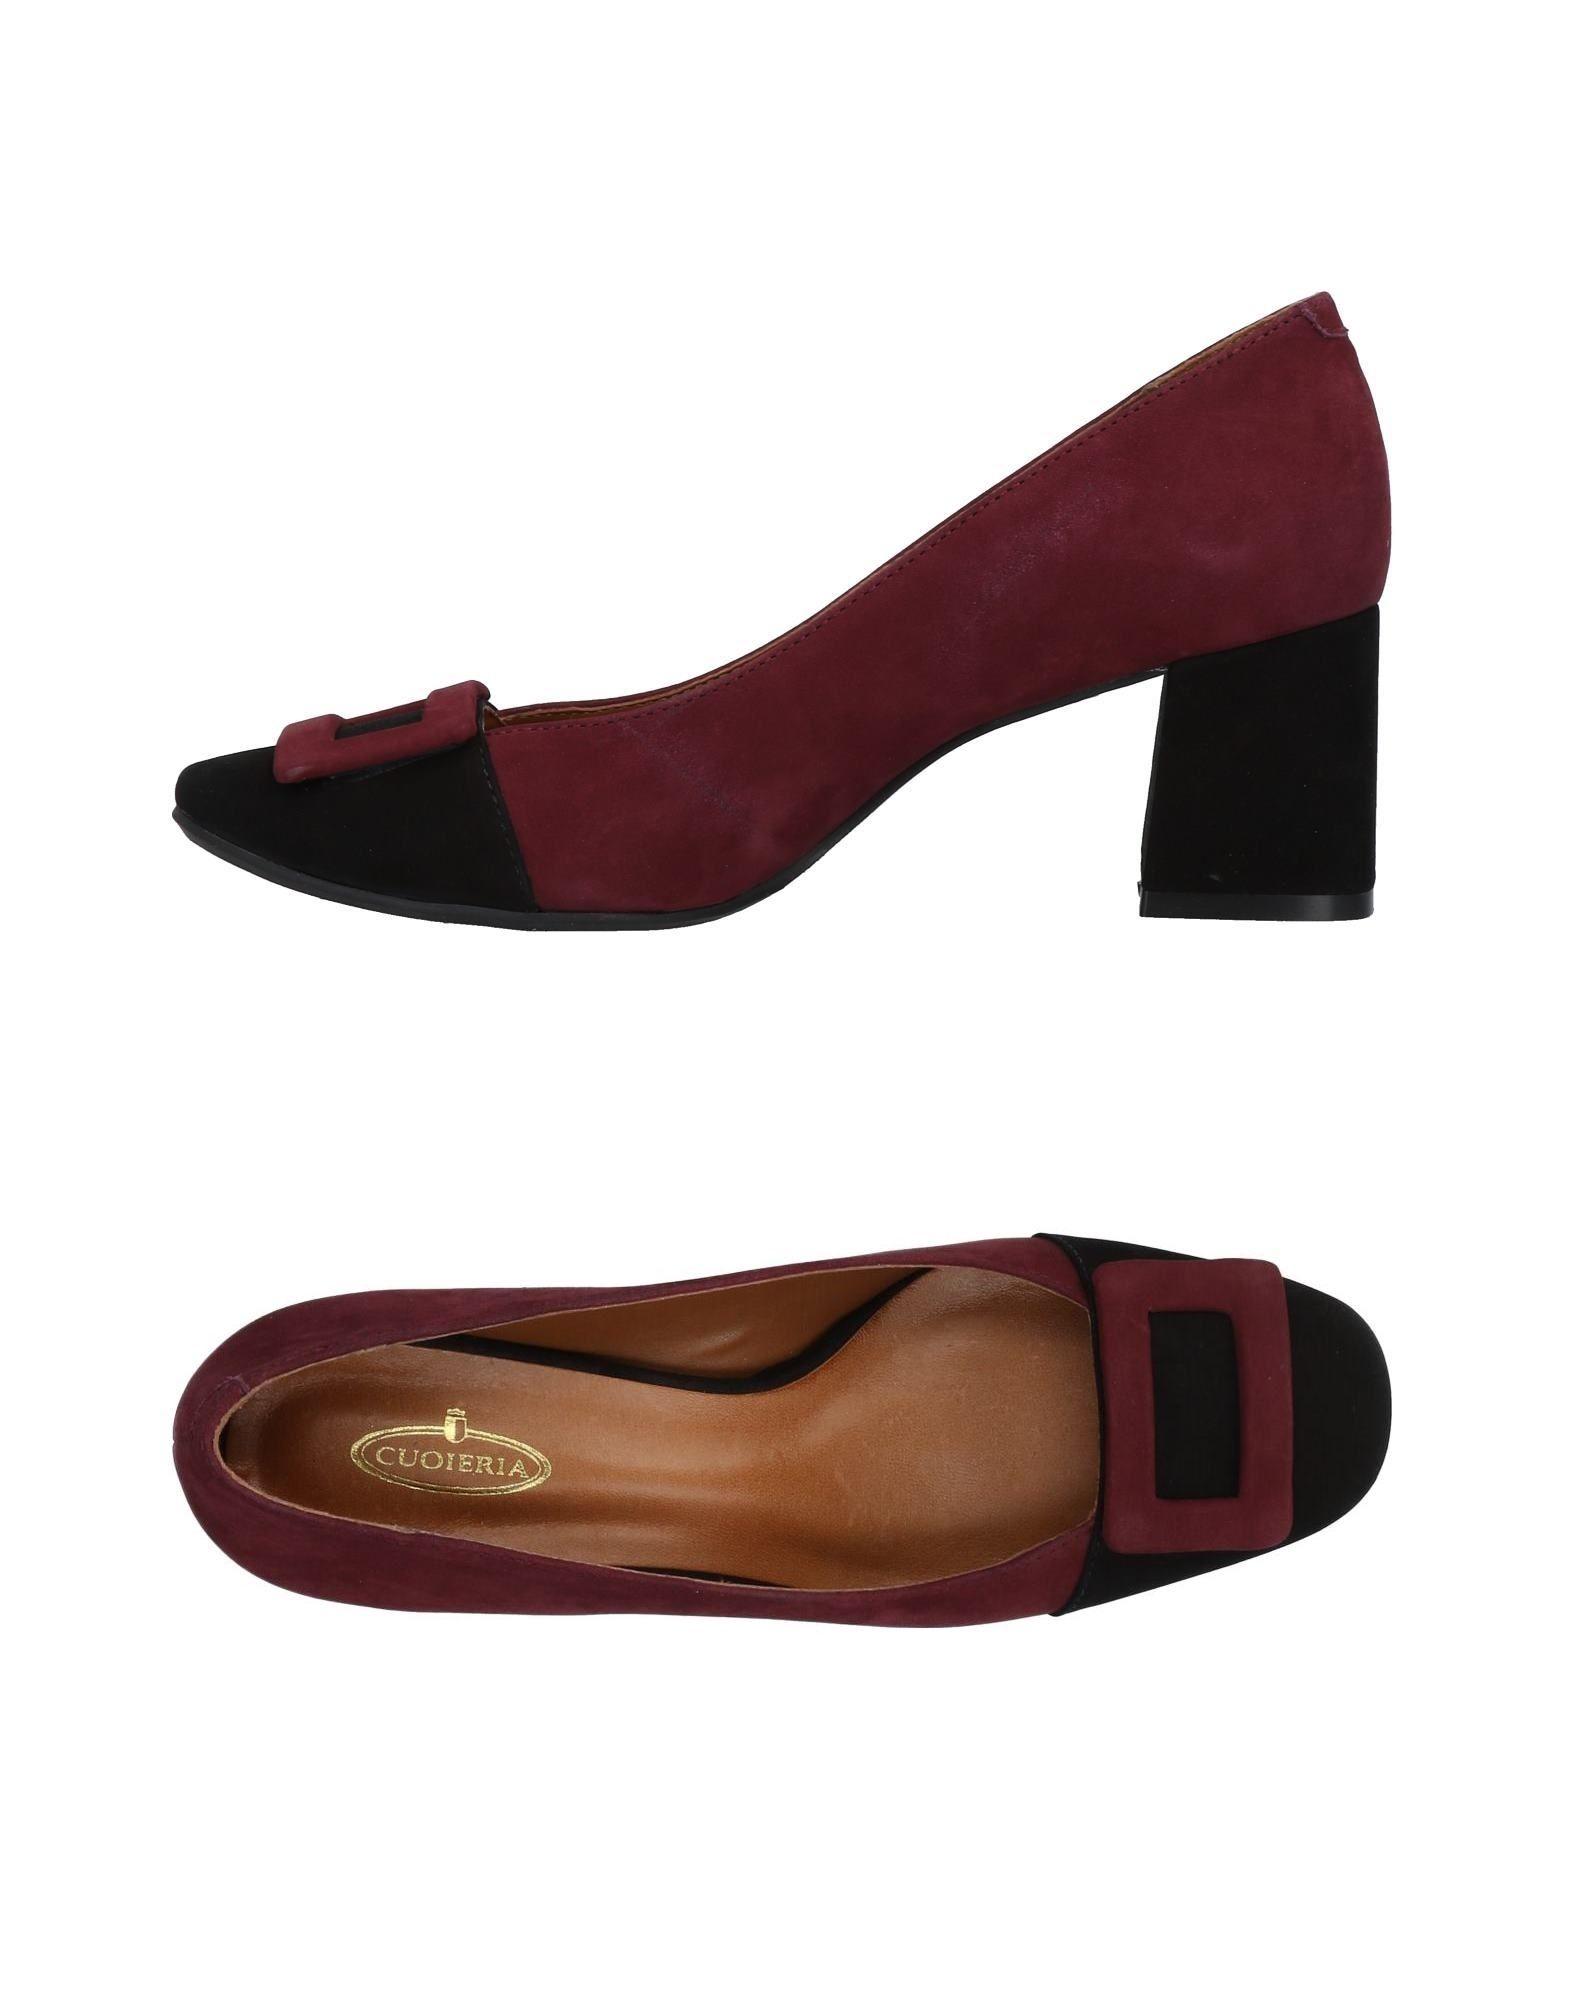 Fashion Shop - CUOIERIA Pumps - Item 11482662